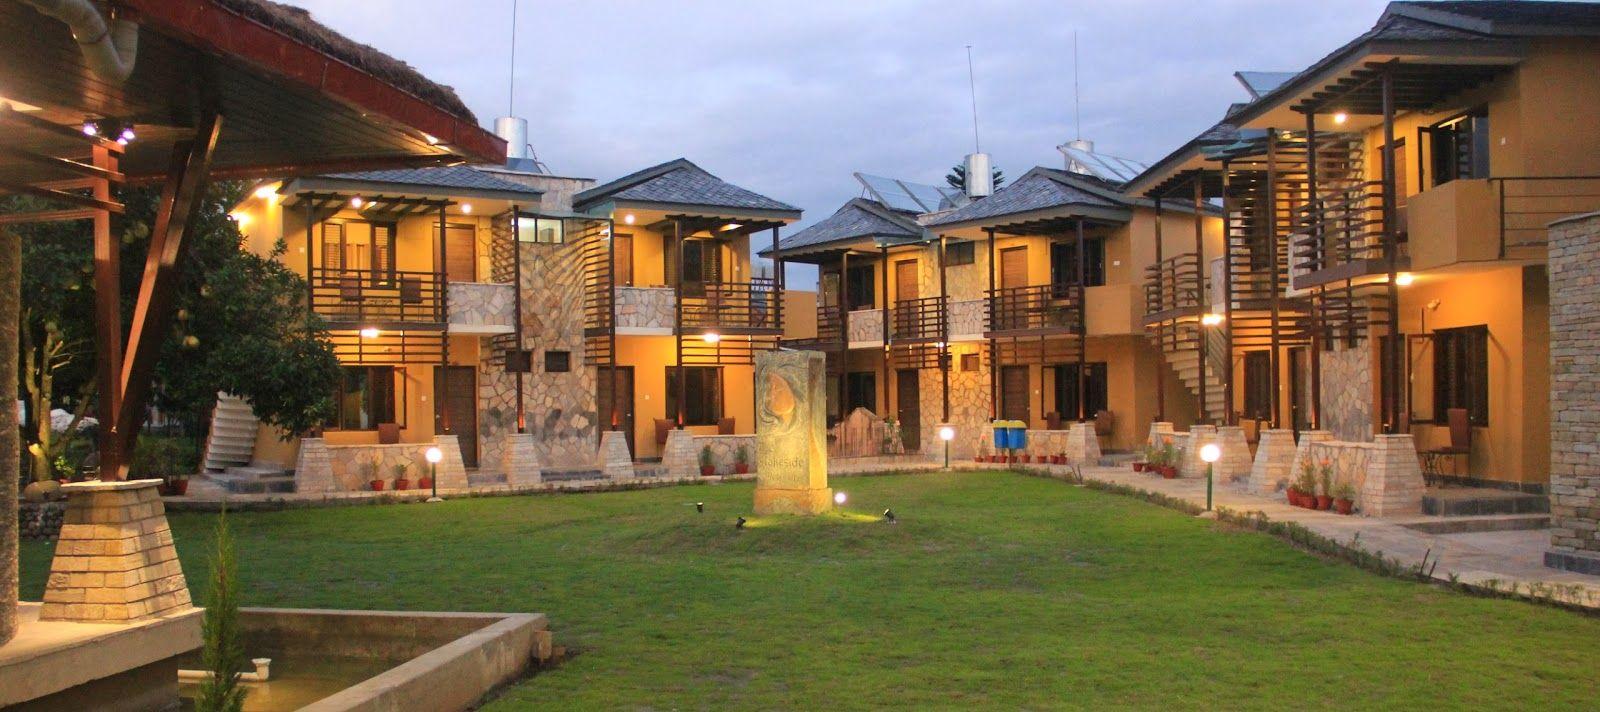 Lakeside Retreats Lakesideretreatpokhara  Hotels In Nepal  Pinterest  Nepal